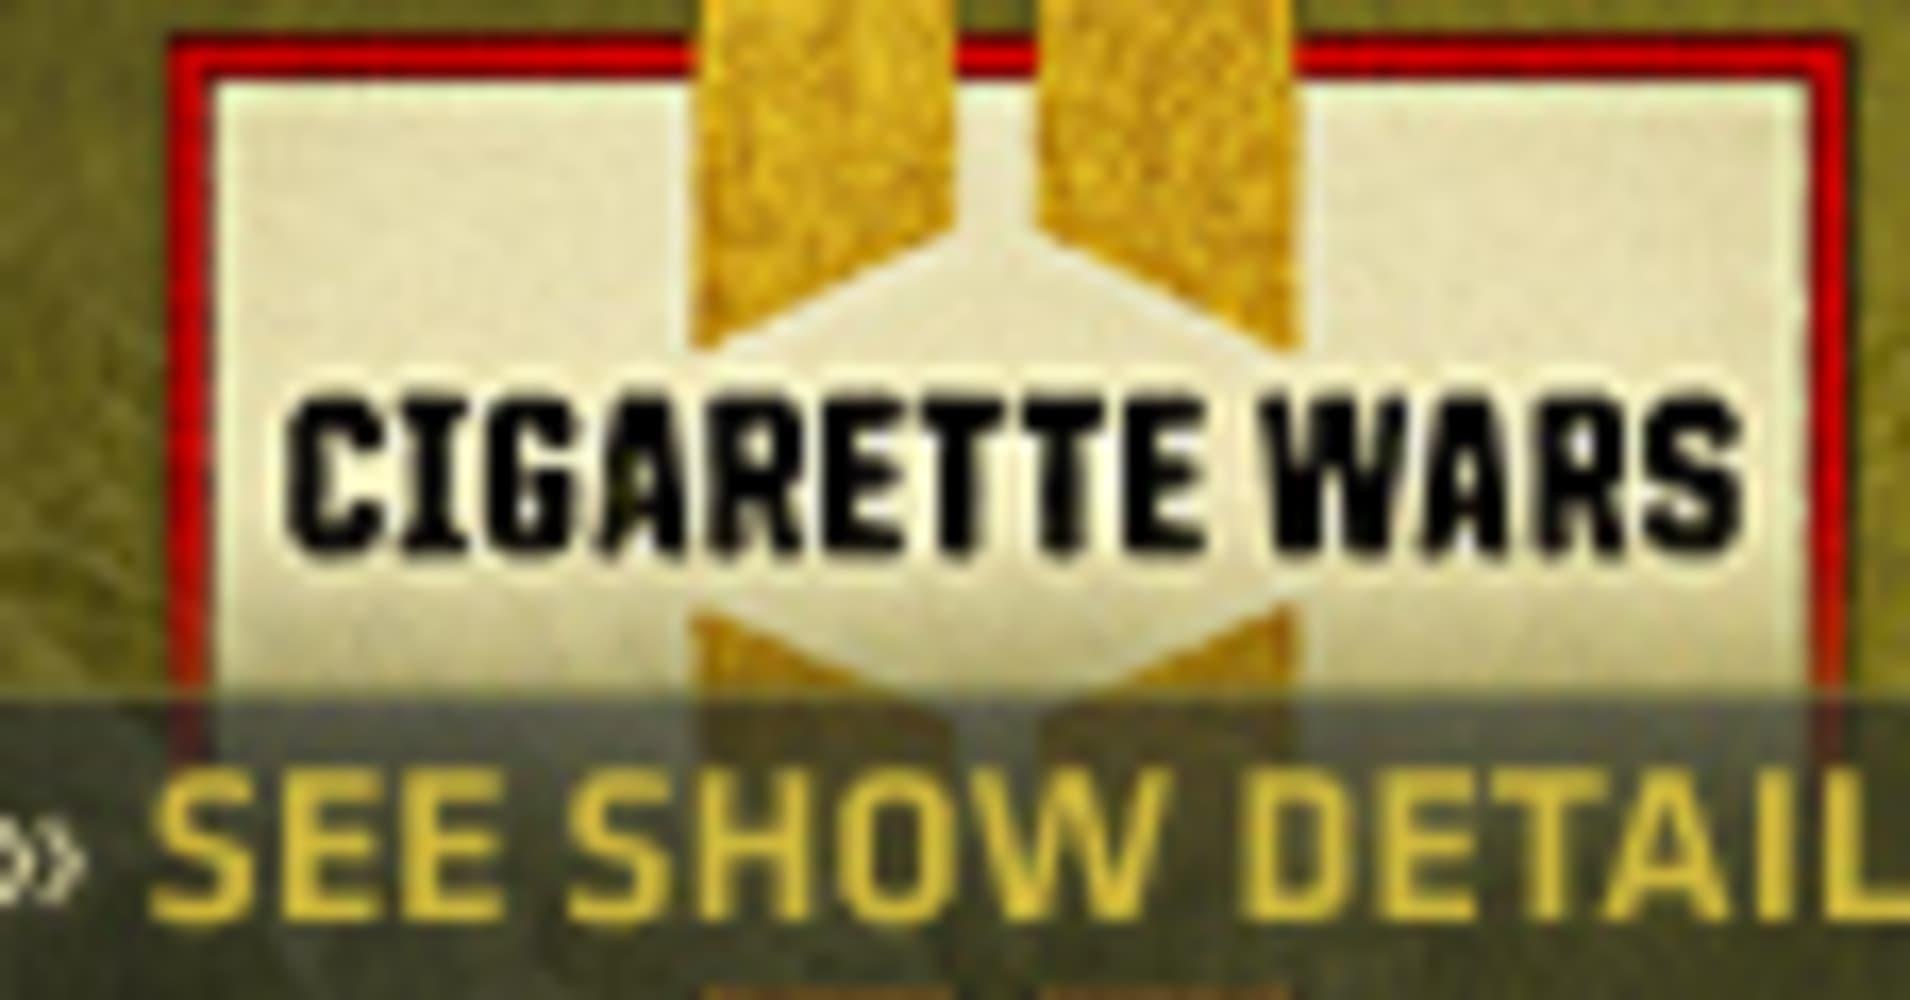 Liverpool airport duty free cigarettes Marlboro